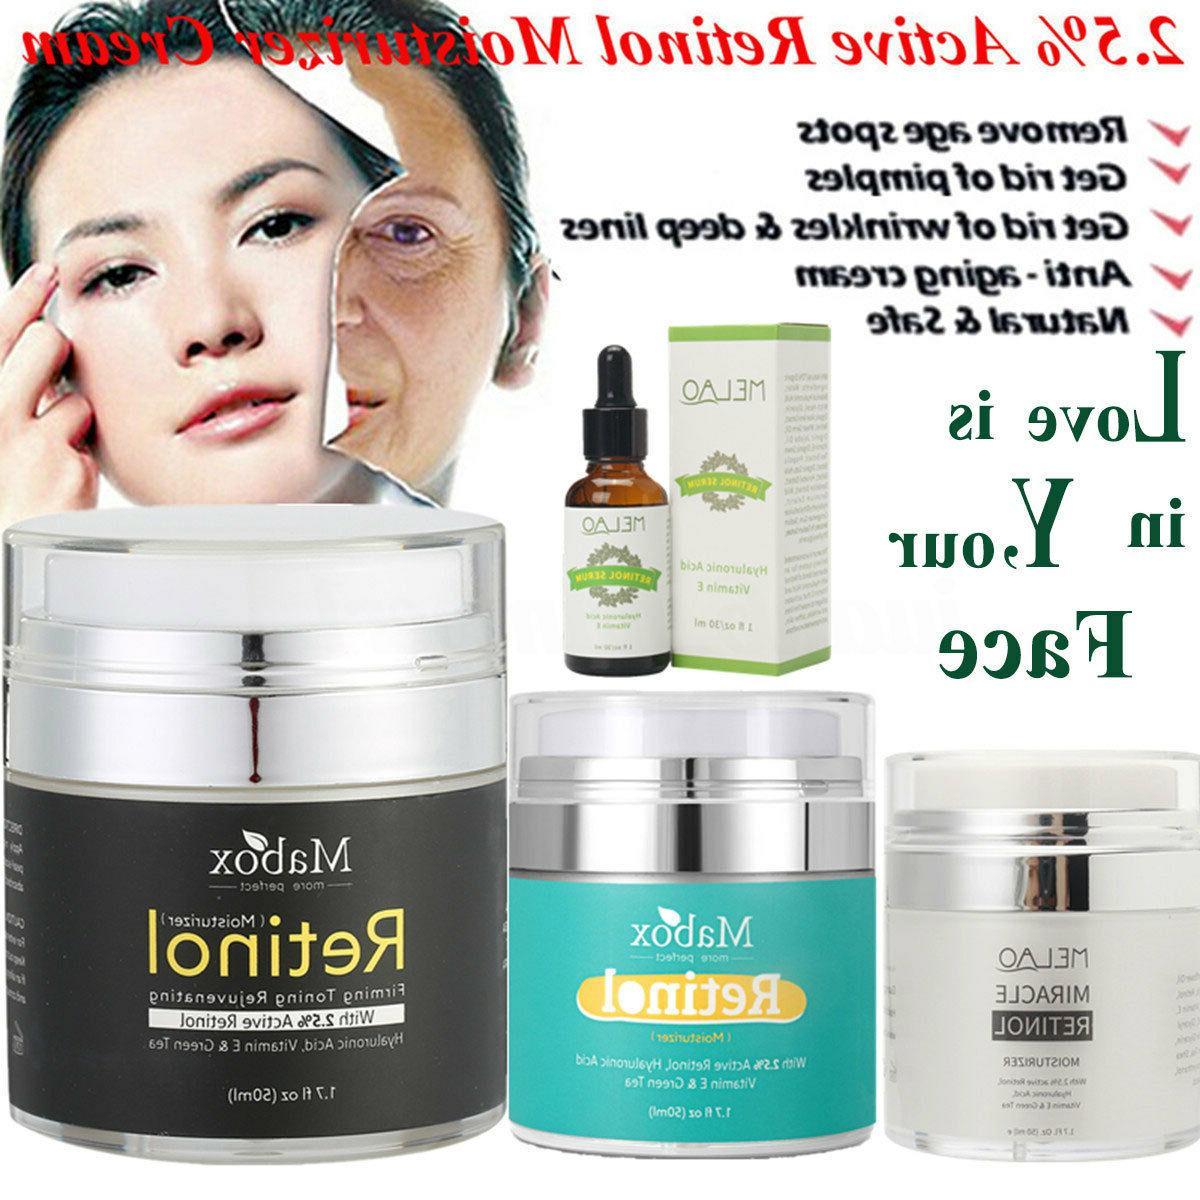 retinol 2 5 percent face cream serum